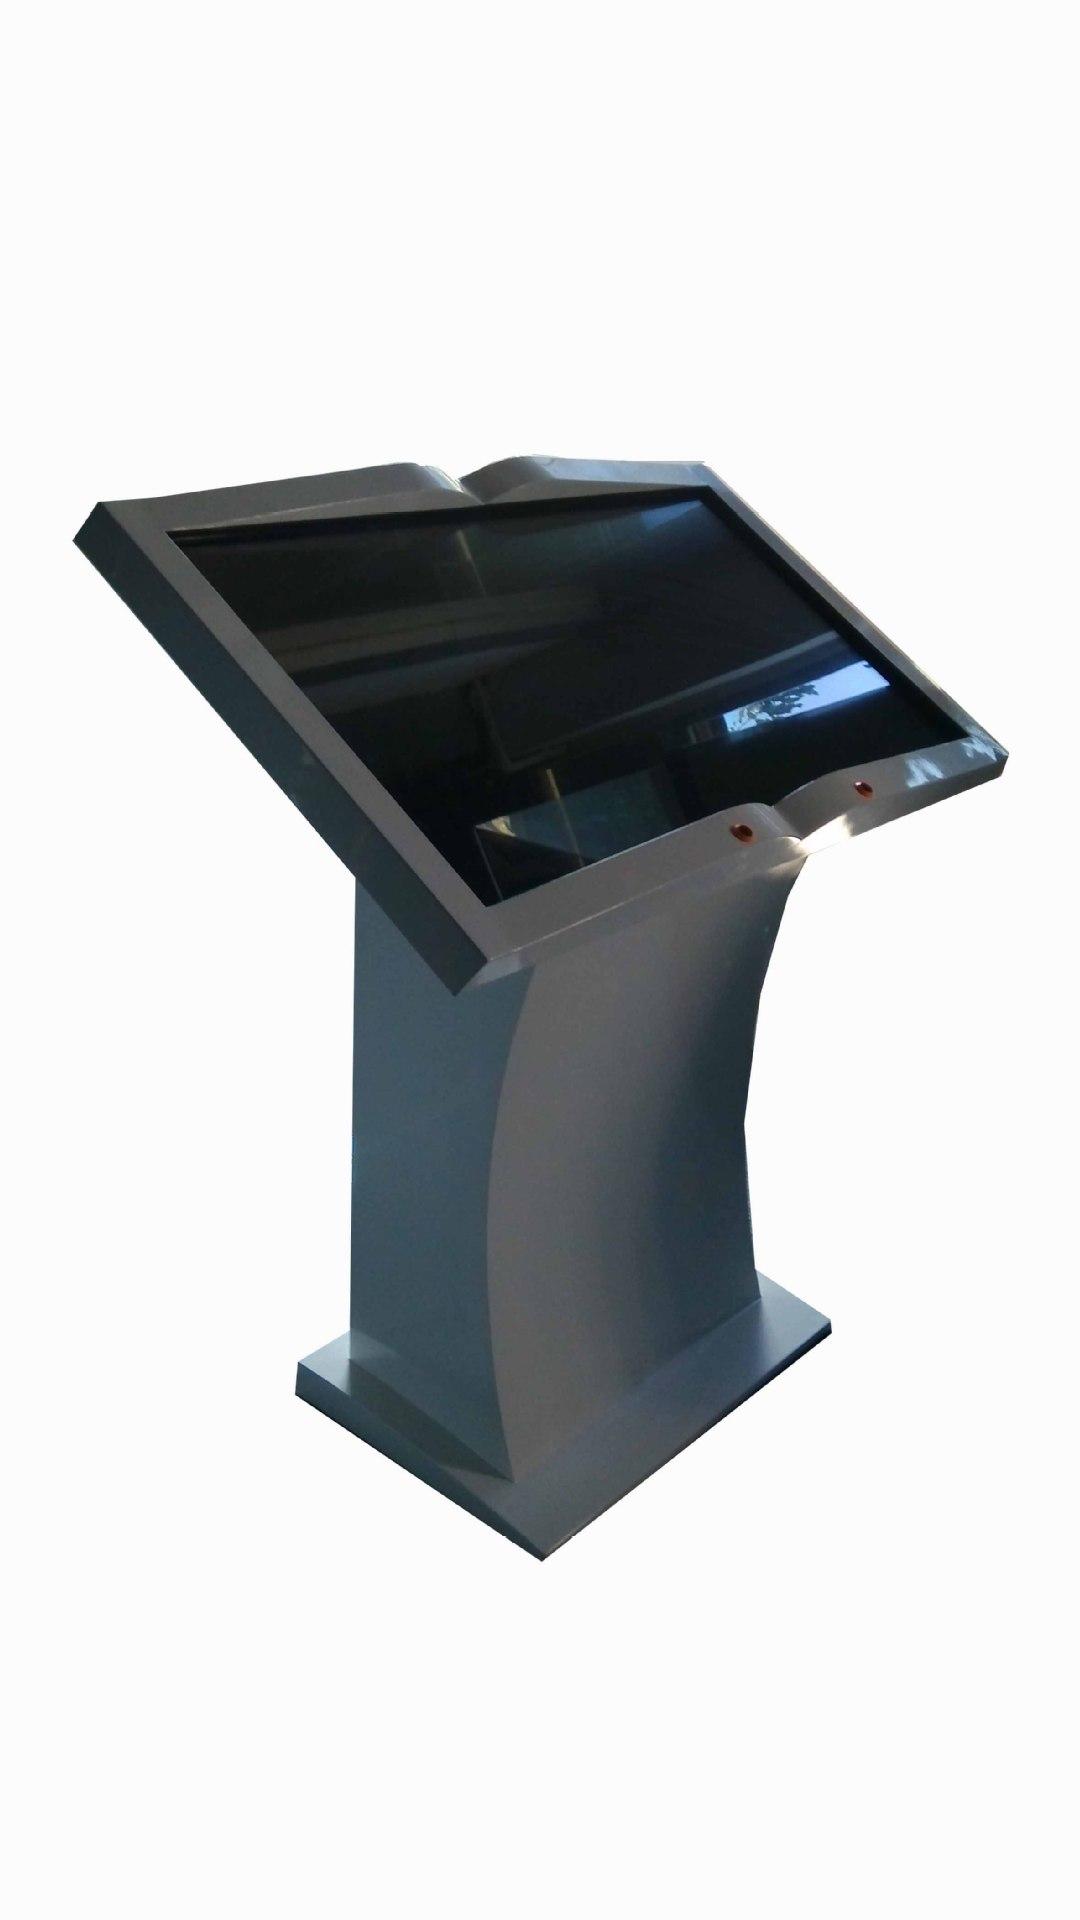 厂家直销HPLD42寸虚拟翻书台空中翻书台全息空中虚拟翻书台示例图3